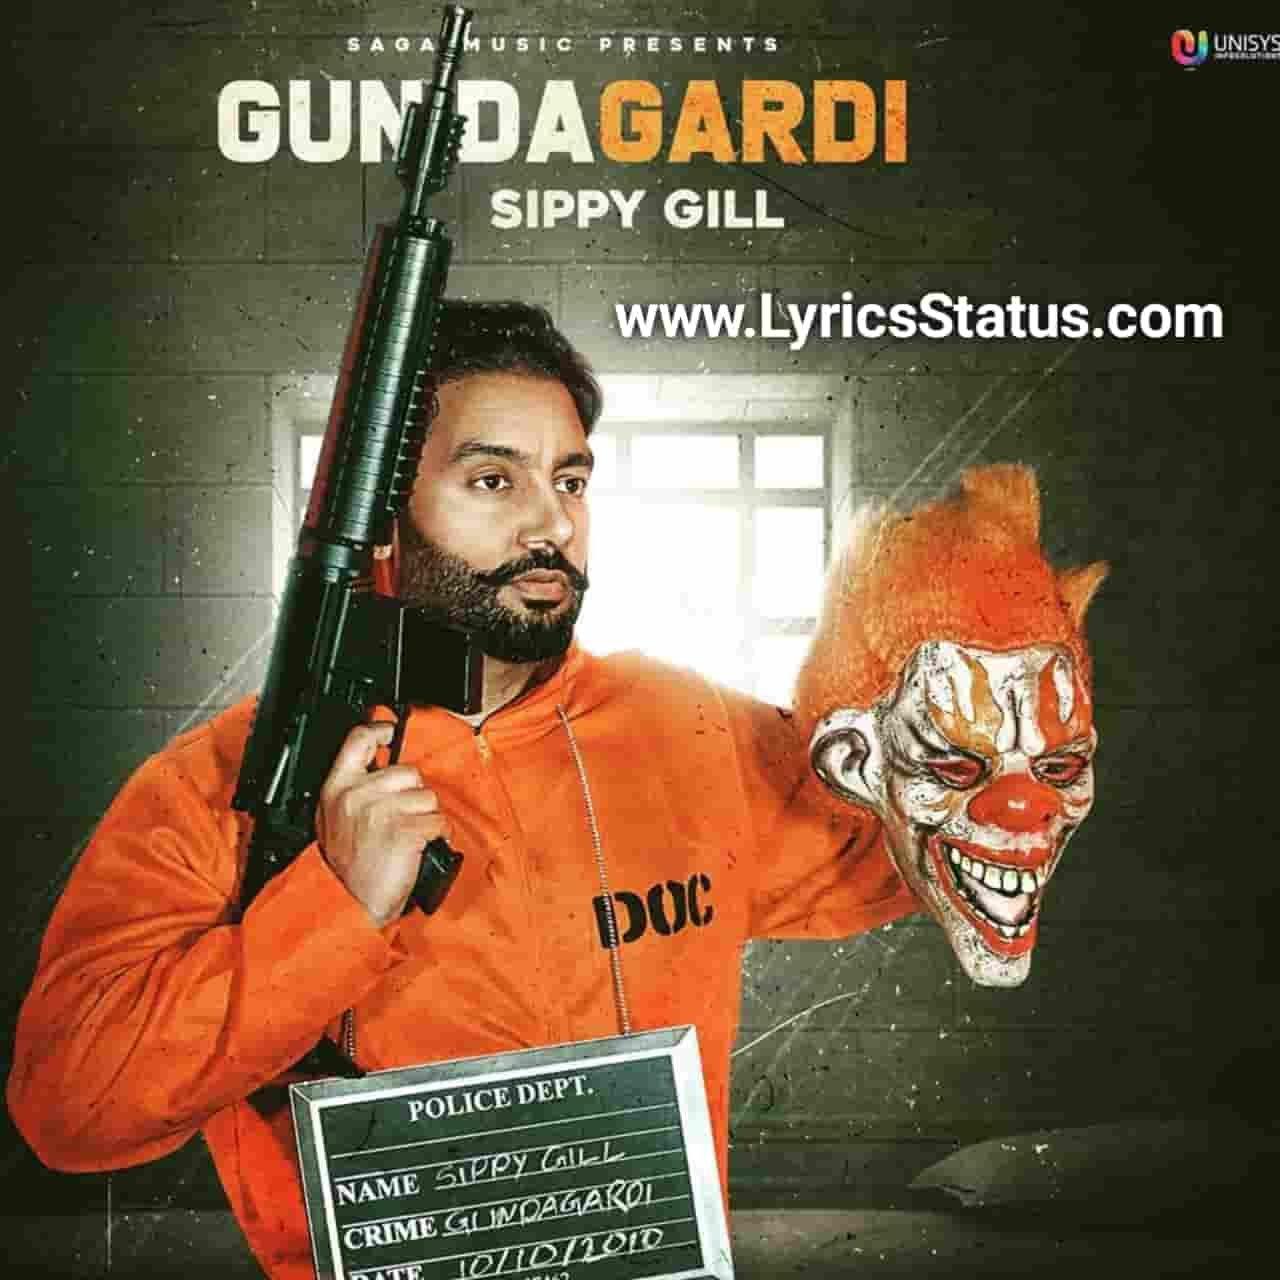 Sippy Gill New Song GundaGardi Lyrics Status Download Ena gundagardi ch fame khatt ho gaya ji Saala kaand koyi kare naam saada lagda status video